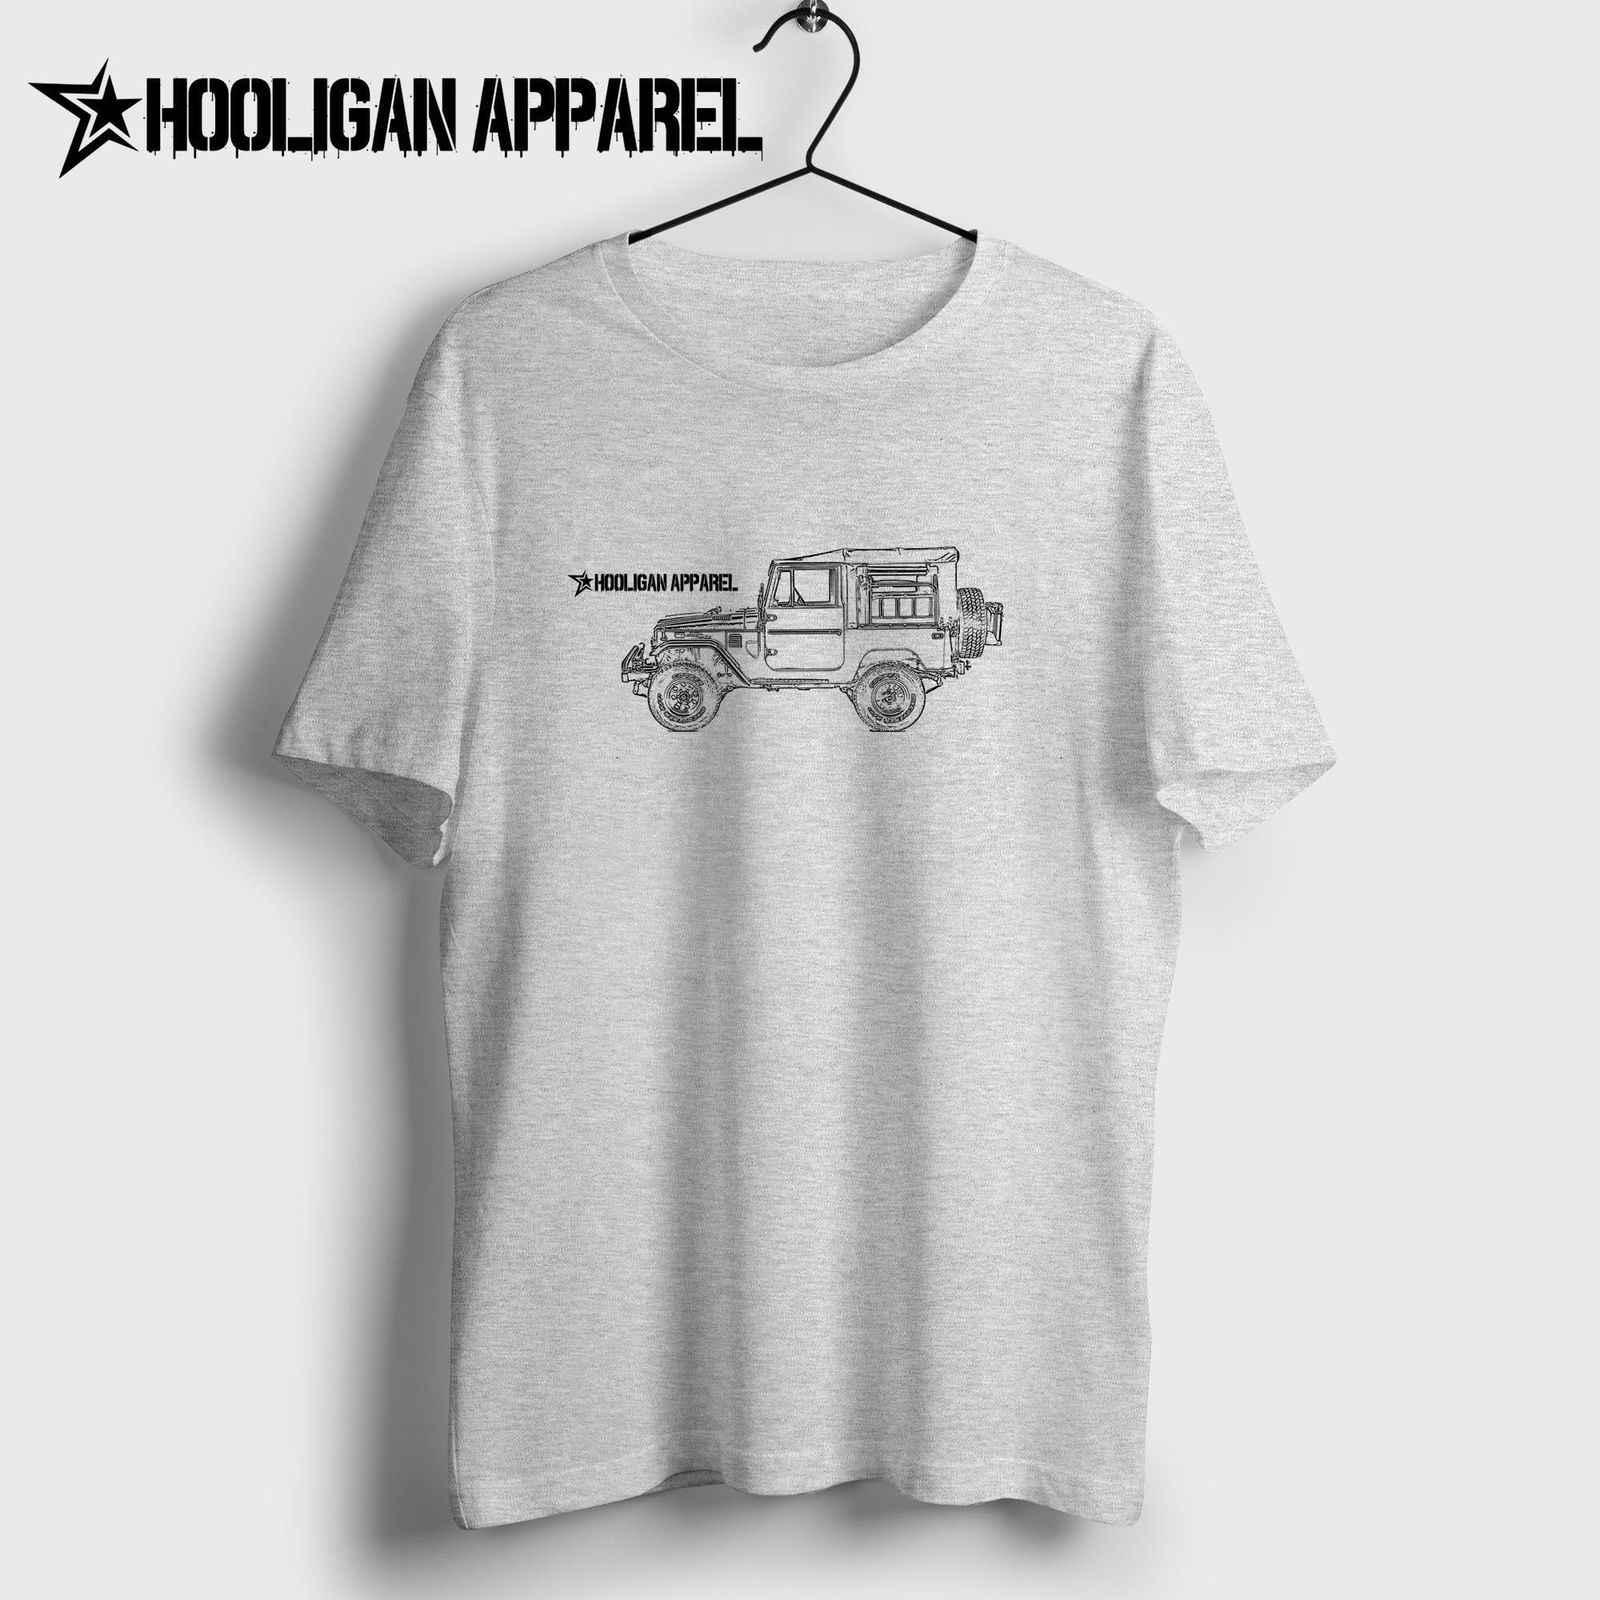 Nova camisa masculina verão topos clássicos fãs de carro japonês land cruiser fj49 tonka caminhão personalizado 4x4 inspirado arte do carro hipster t